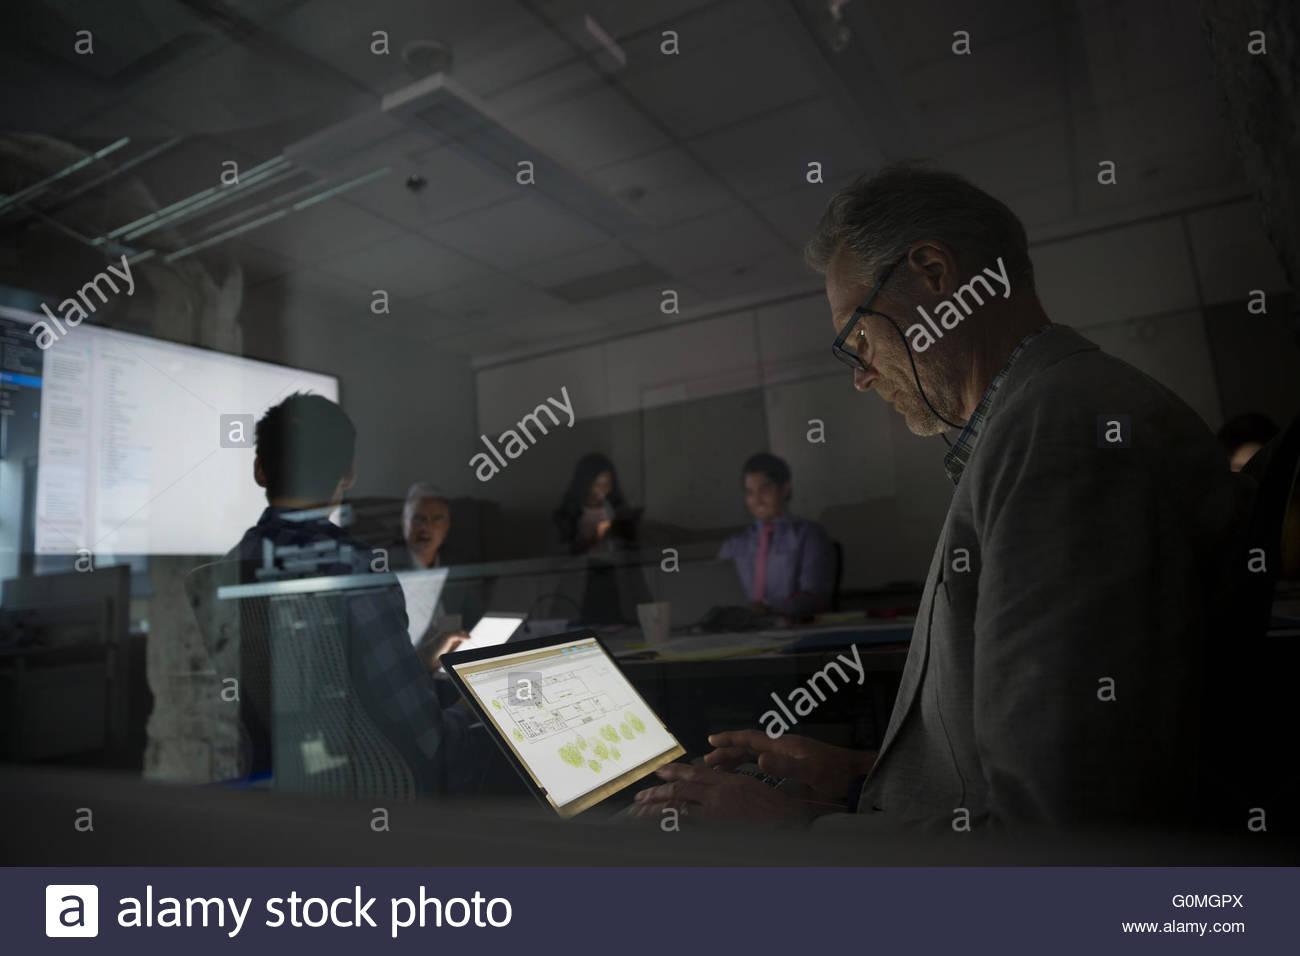 Ordinateur portable à l'aide d'architecte réunion salle de conférence sombre Photo Stock